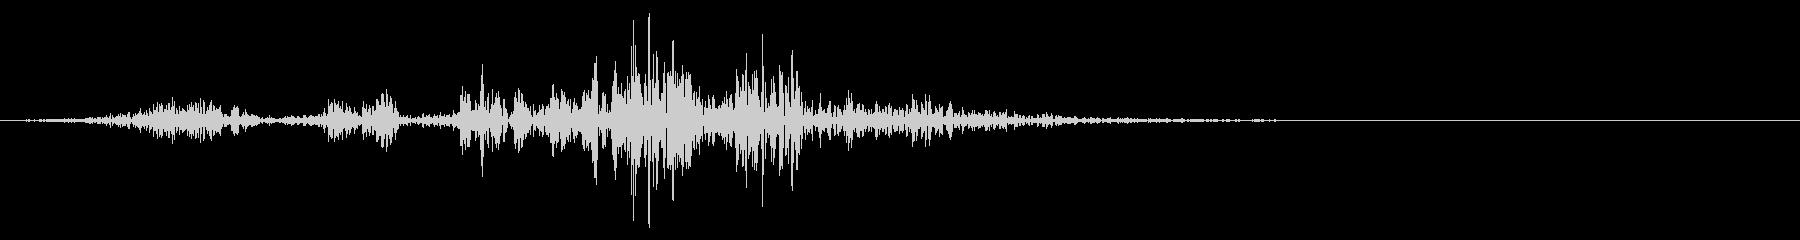 【生録音】本のページをめくる音 7の未再生の波形